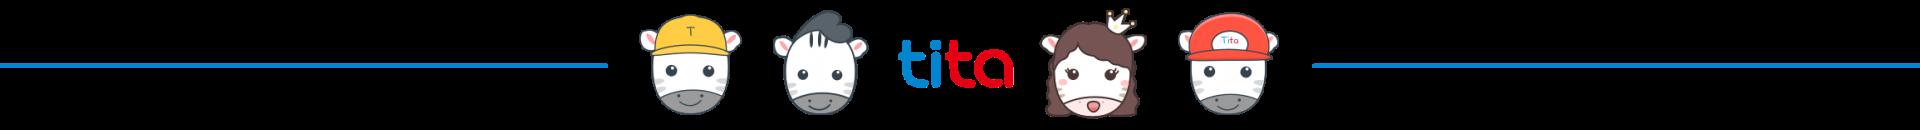 技术体系 - OKR案例   Tita